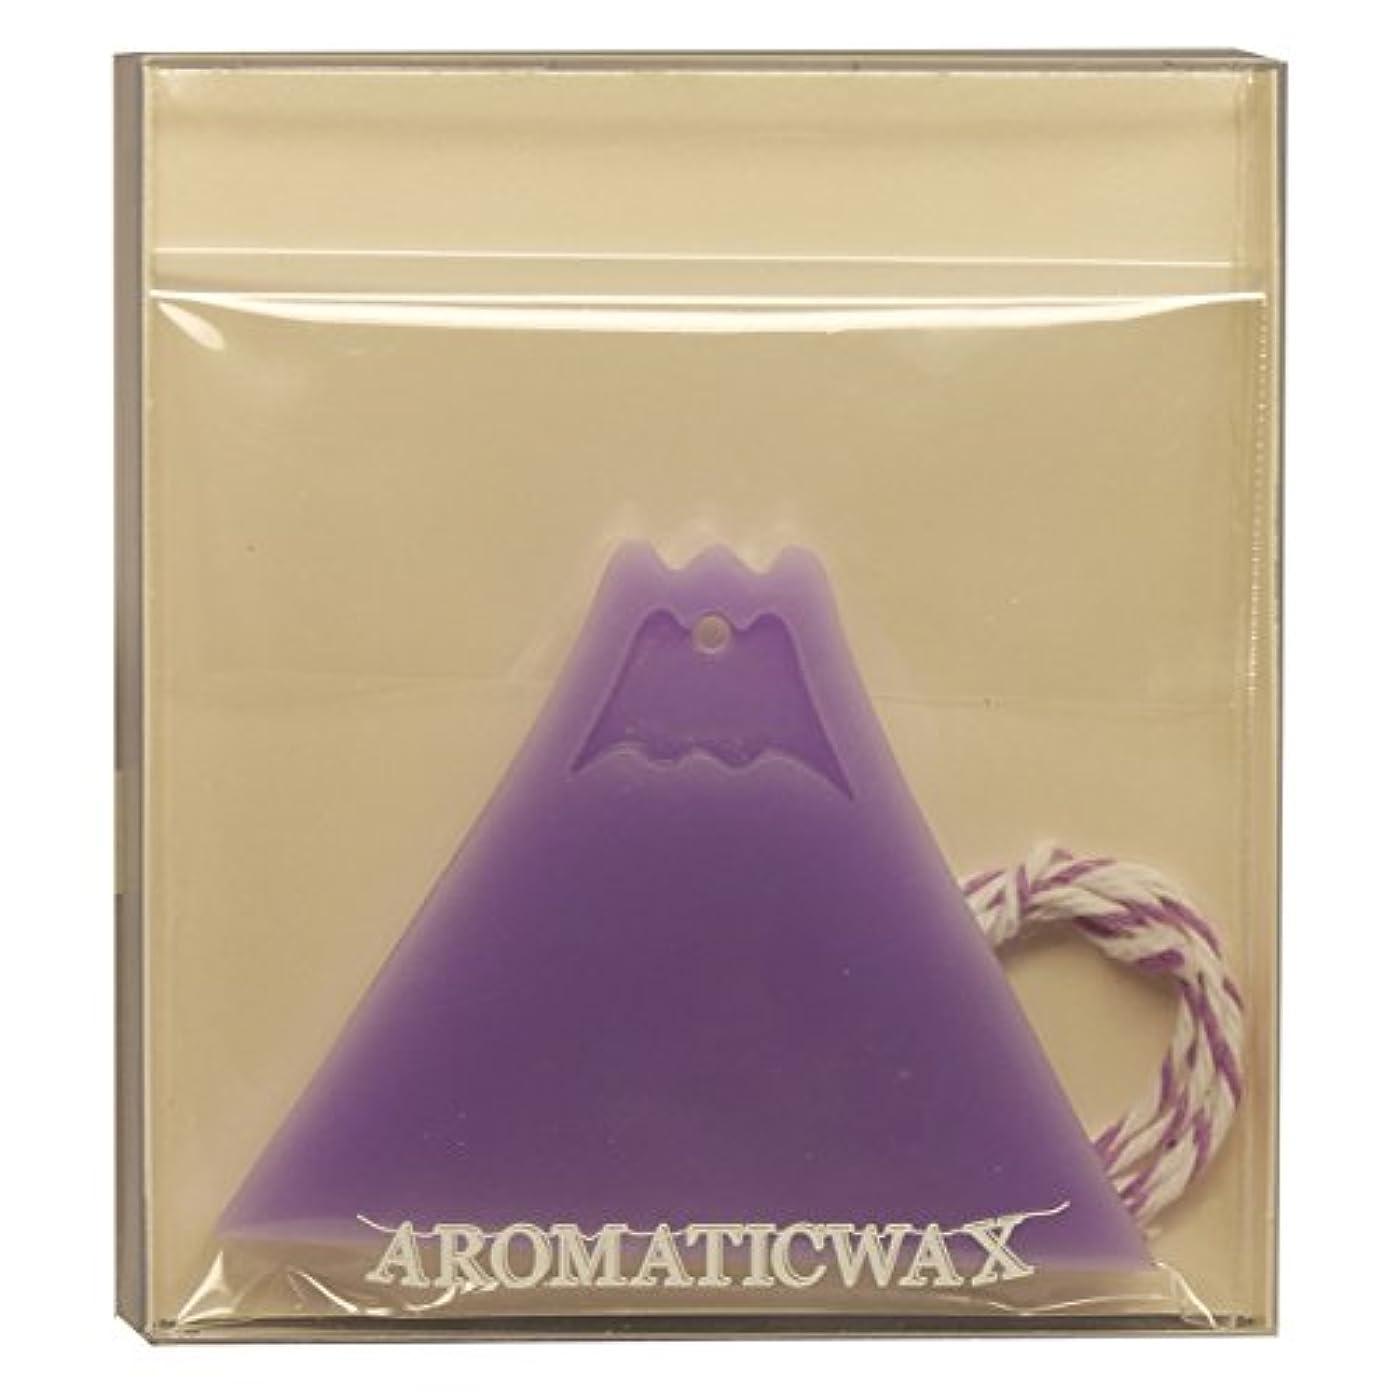 ドラフトおばさんラリーGRASSE TOKYO AROMATICWAXチャーム「富士山」(PU) ラベンダー アロマティックワックス グラーストウキョウ